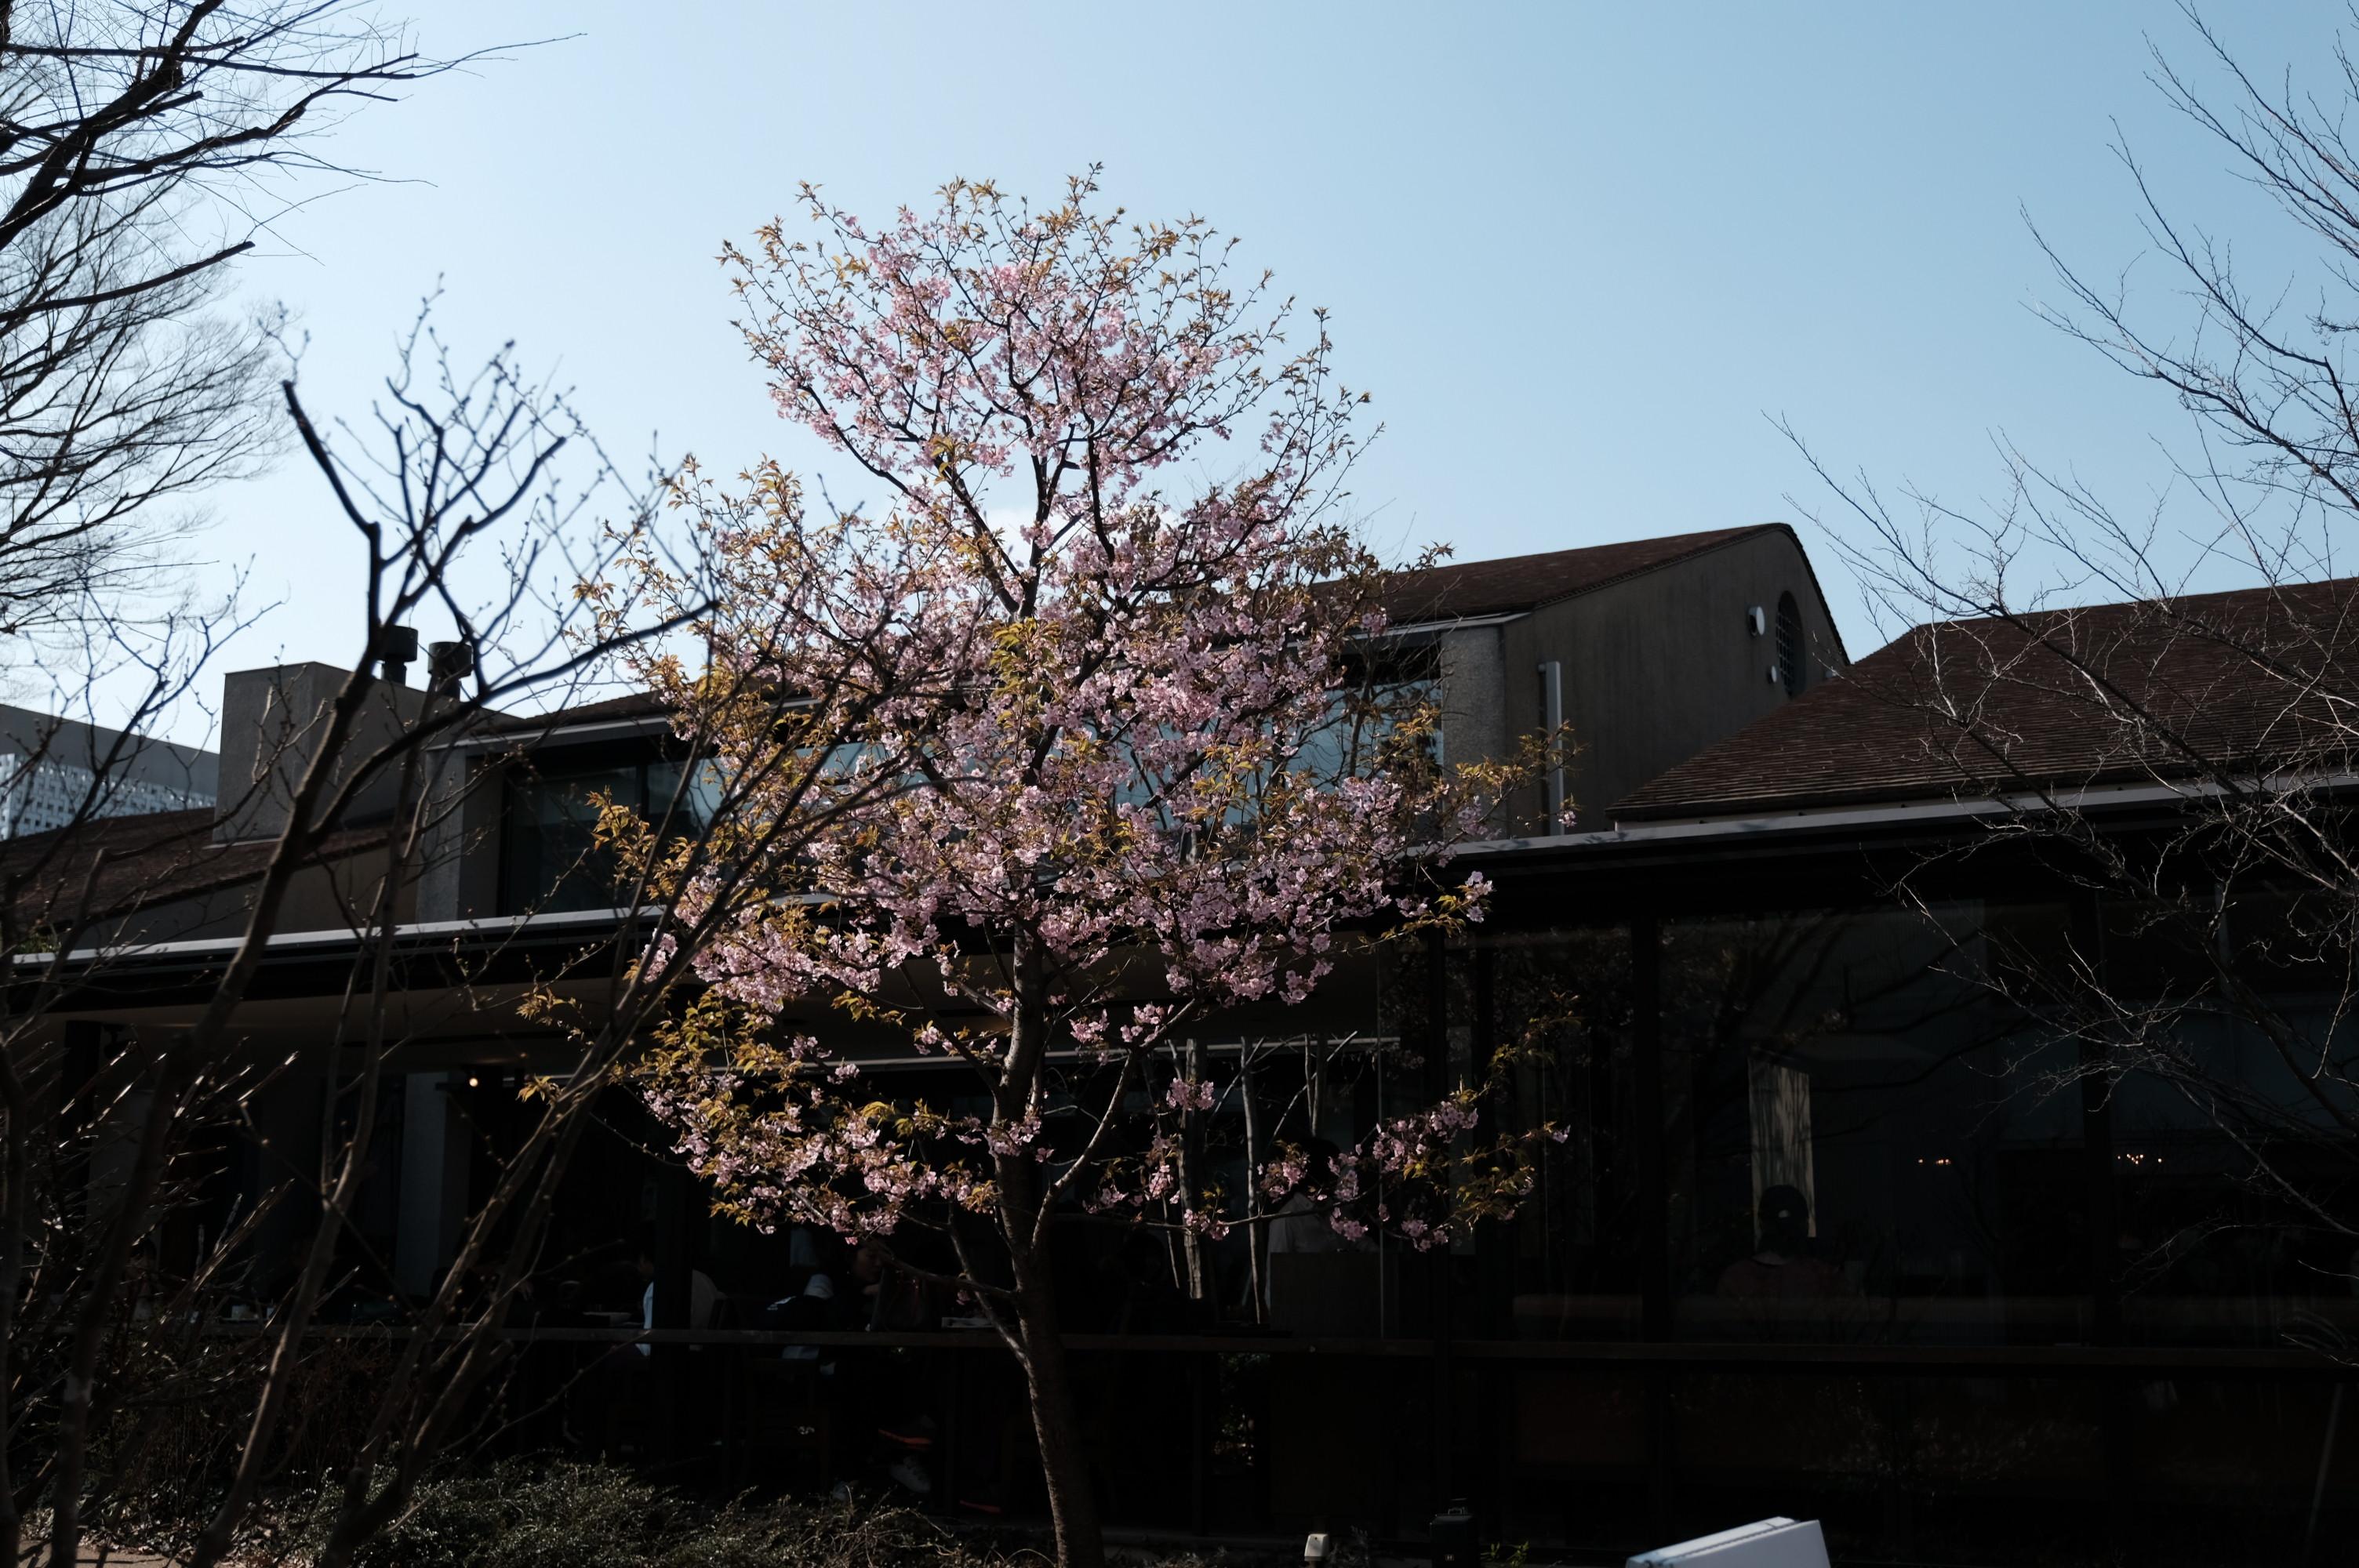 代官山蔦屋書店の梅の木